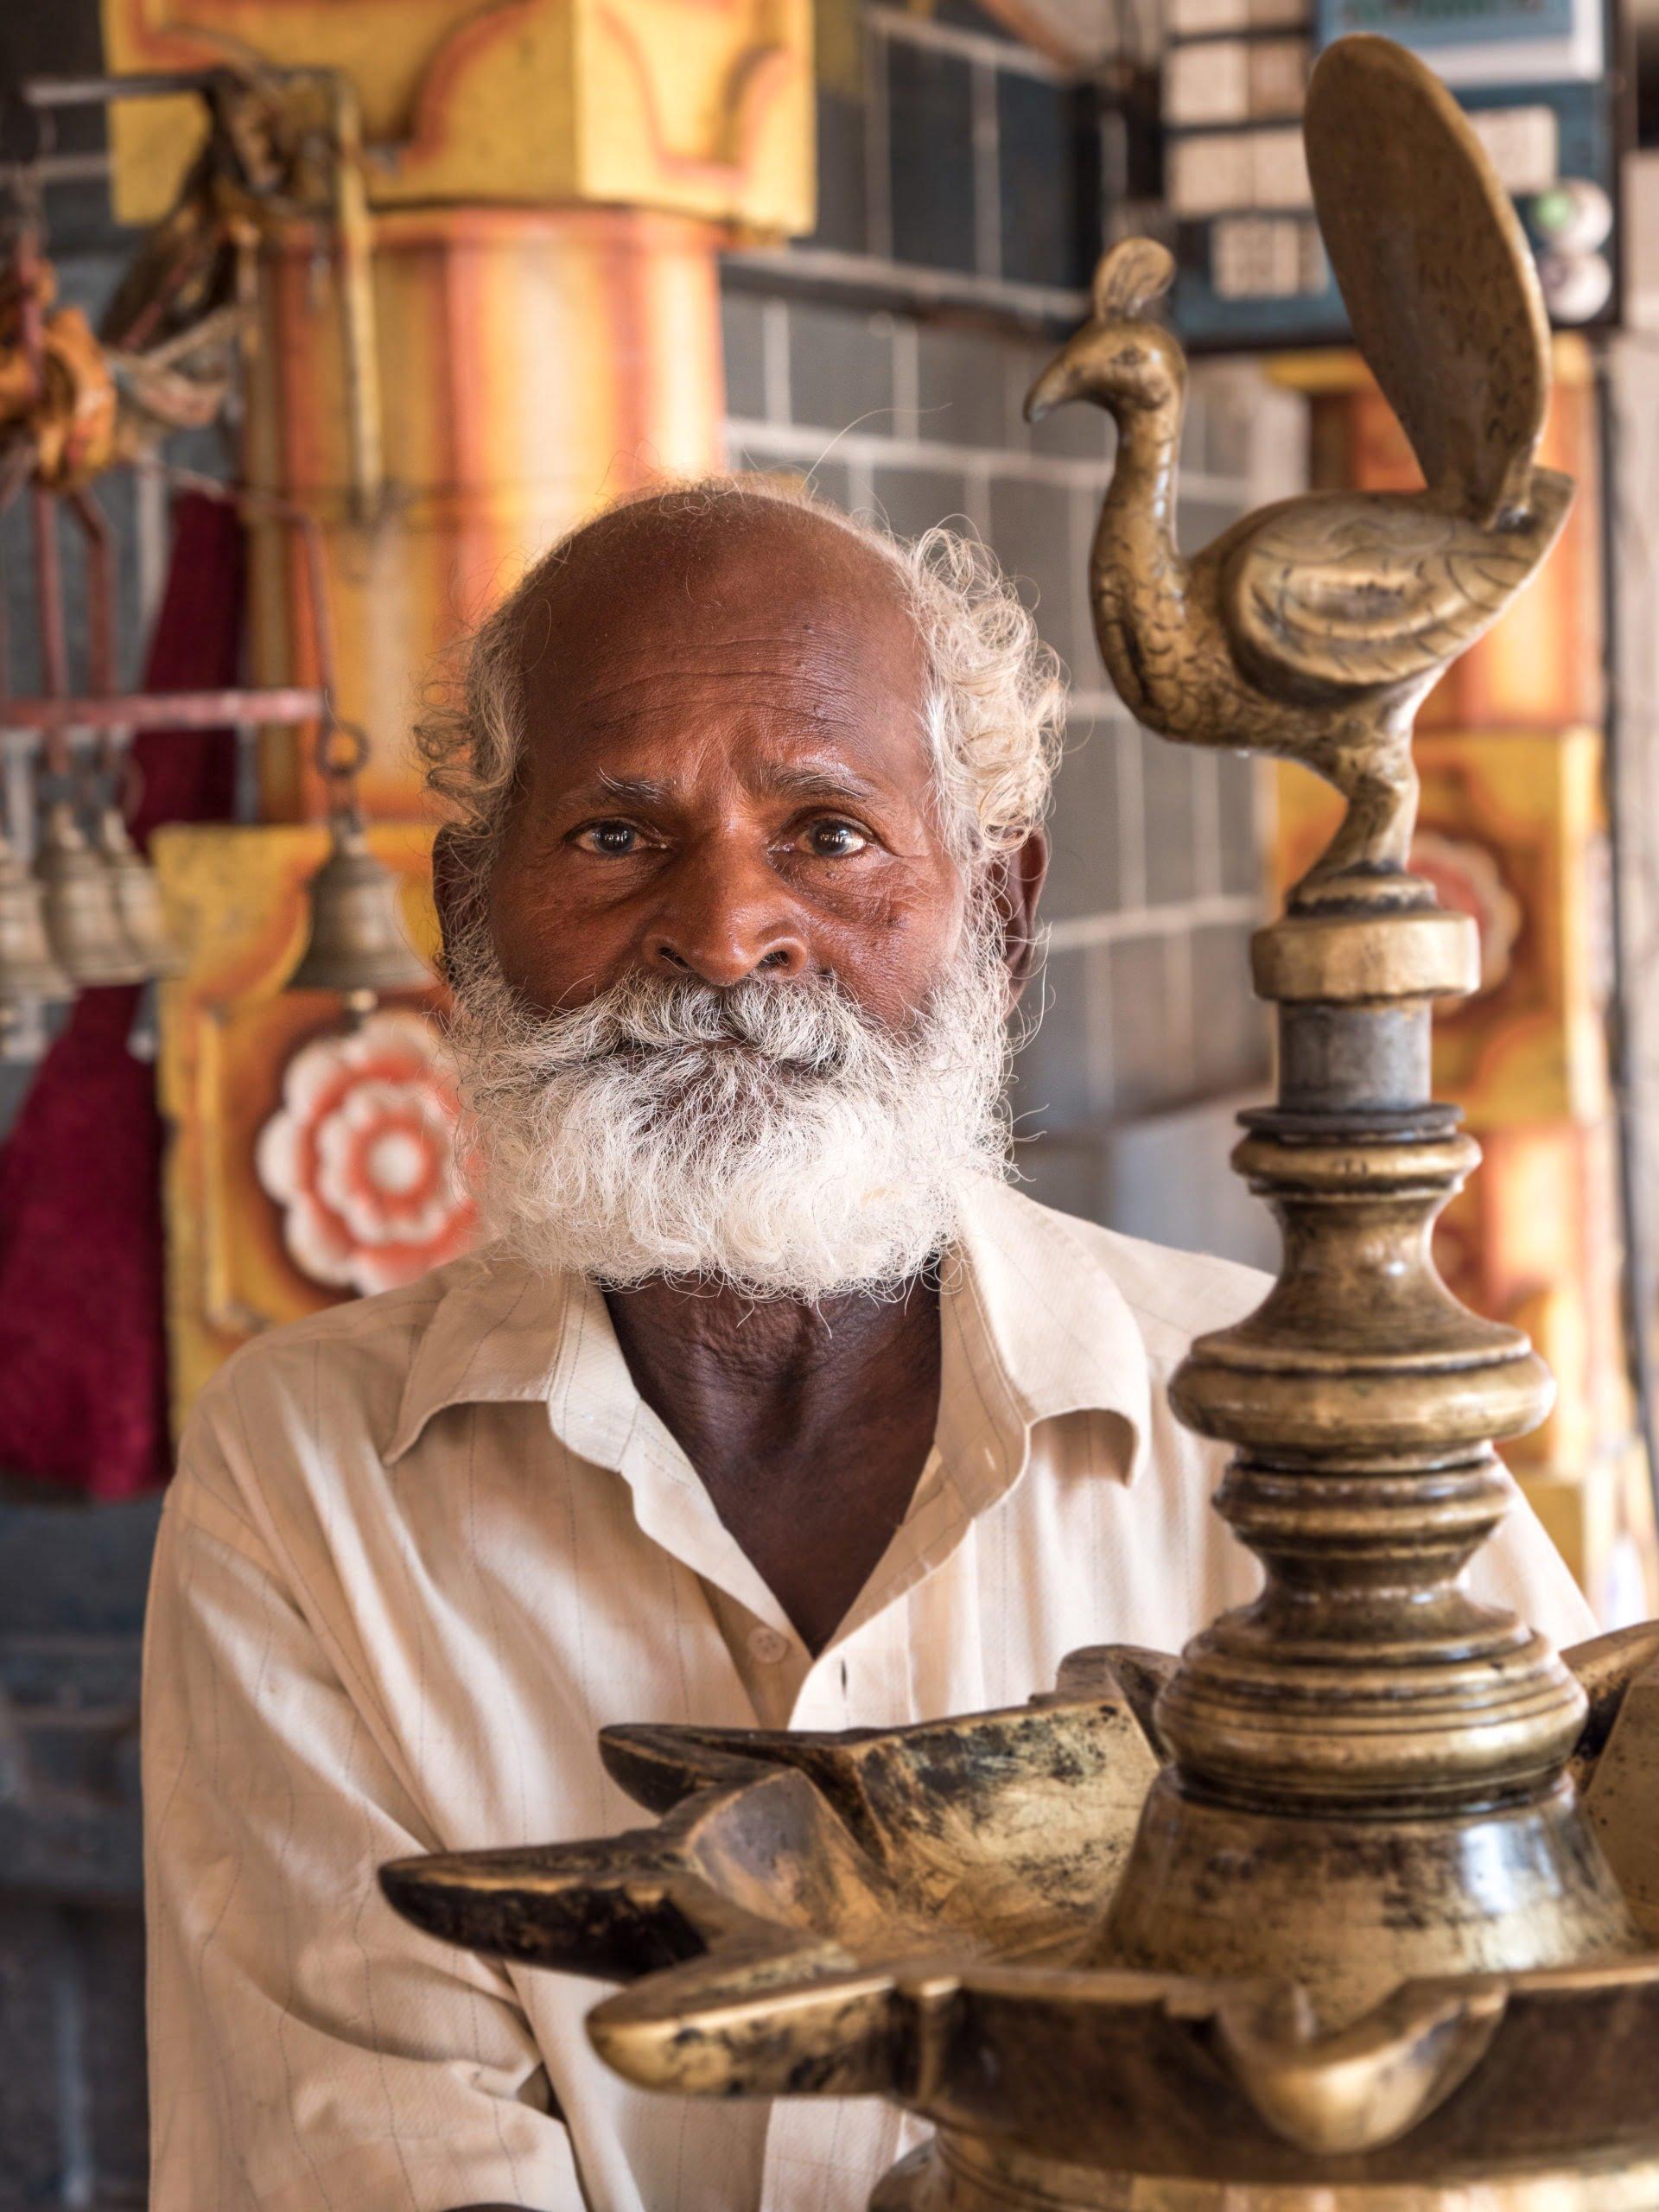 jaffna portrait - Les globe blogueurs - blog voyage nature